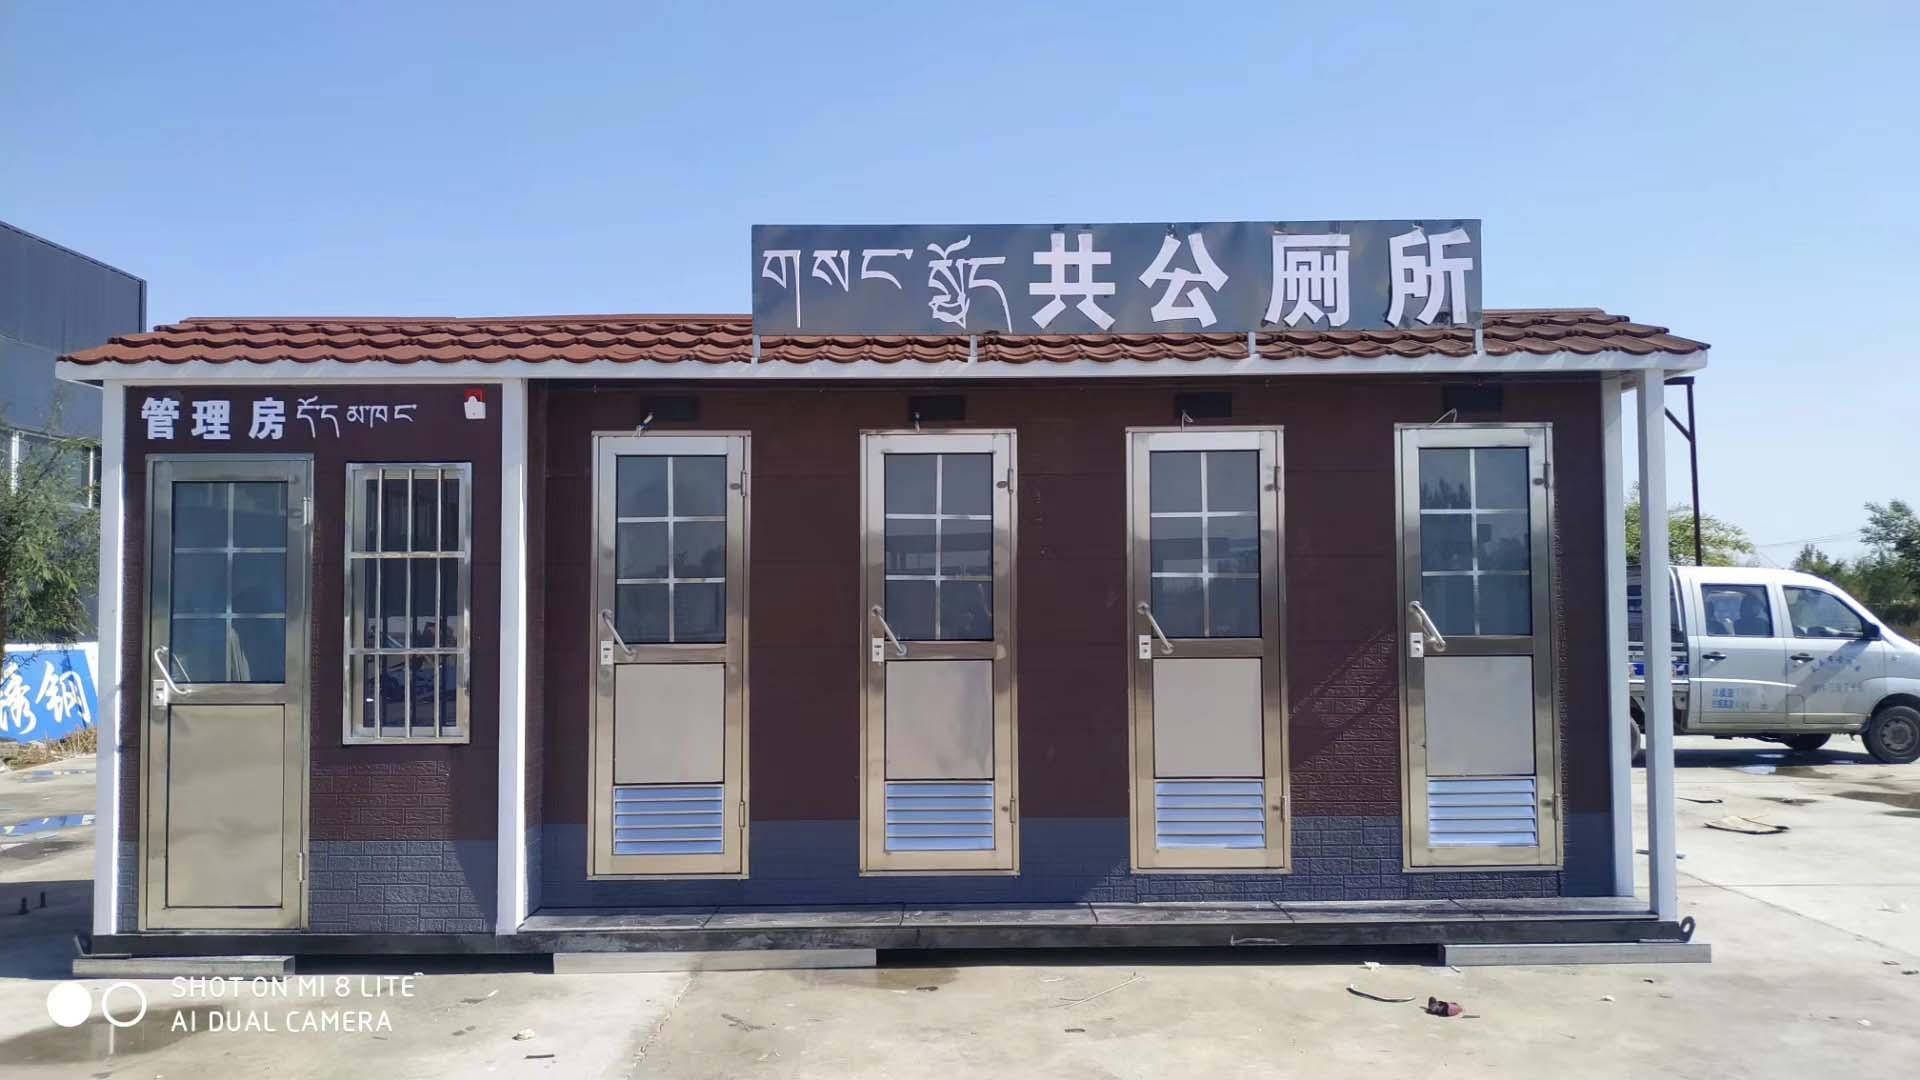 新疆移动环保厕所制作完毕